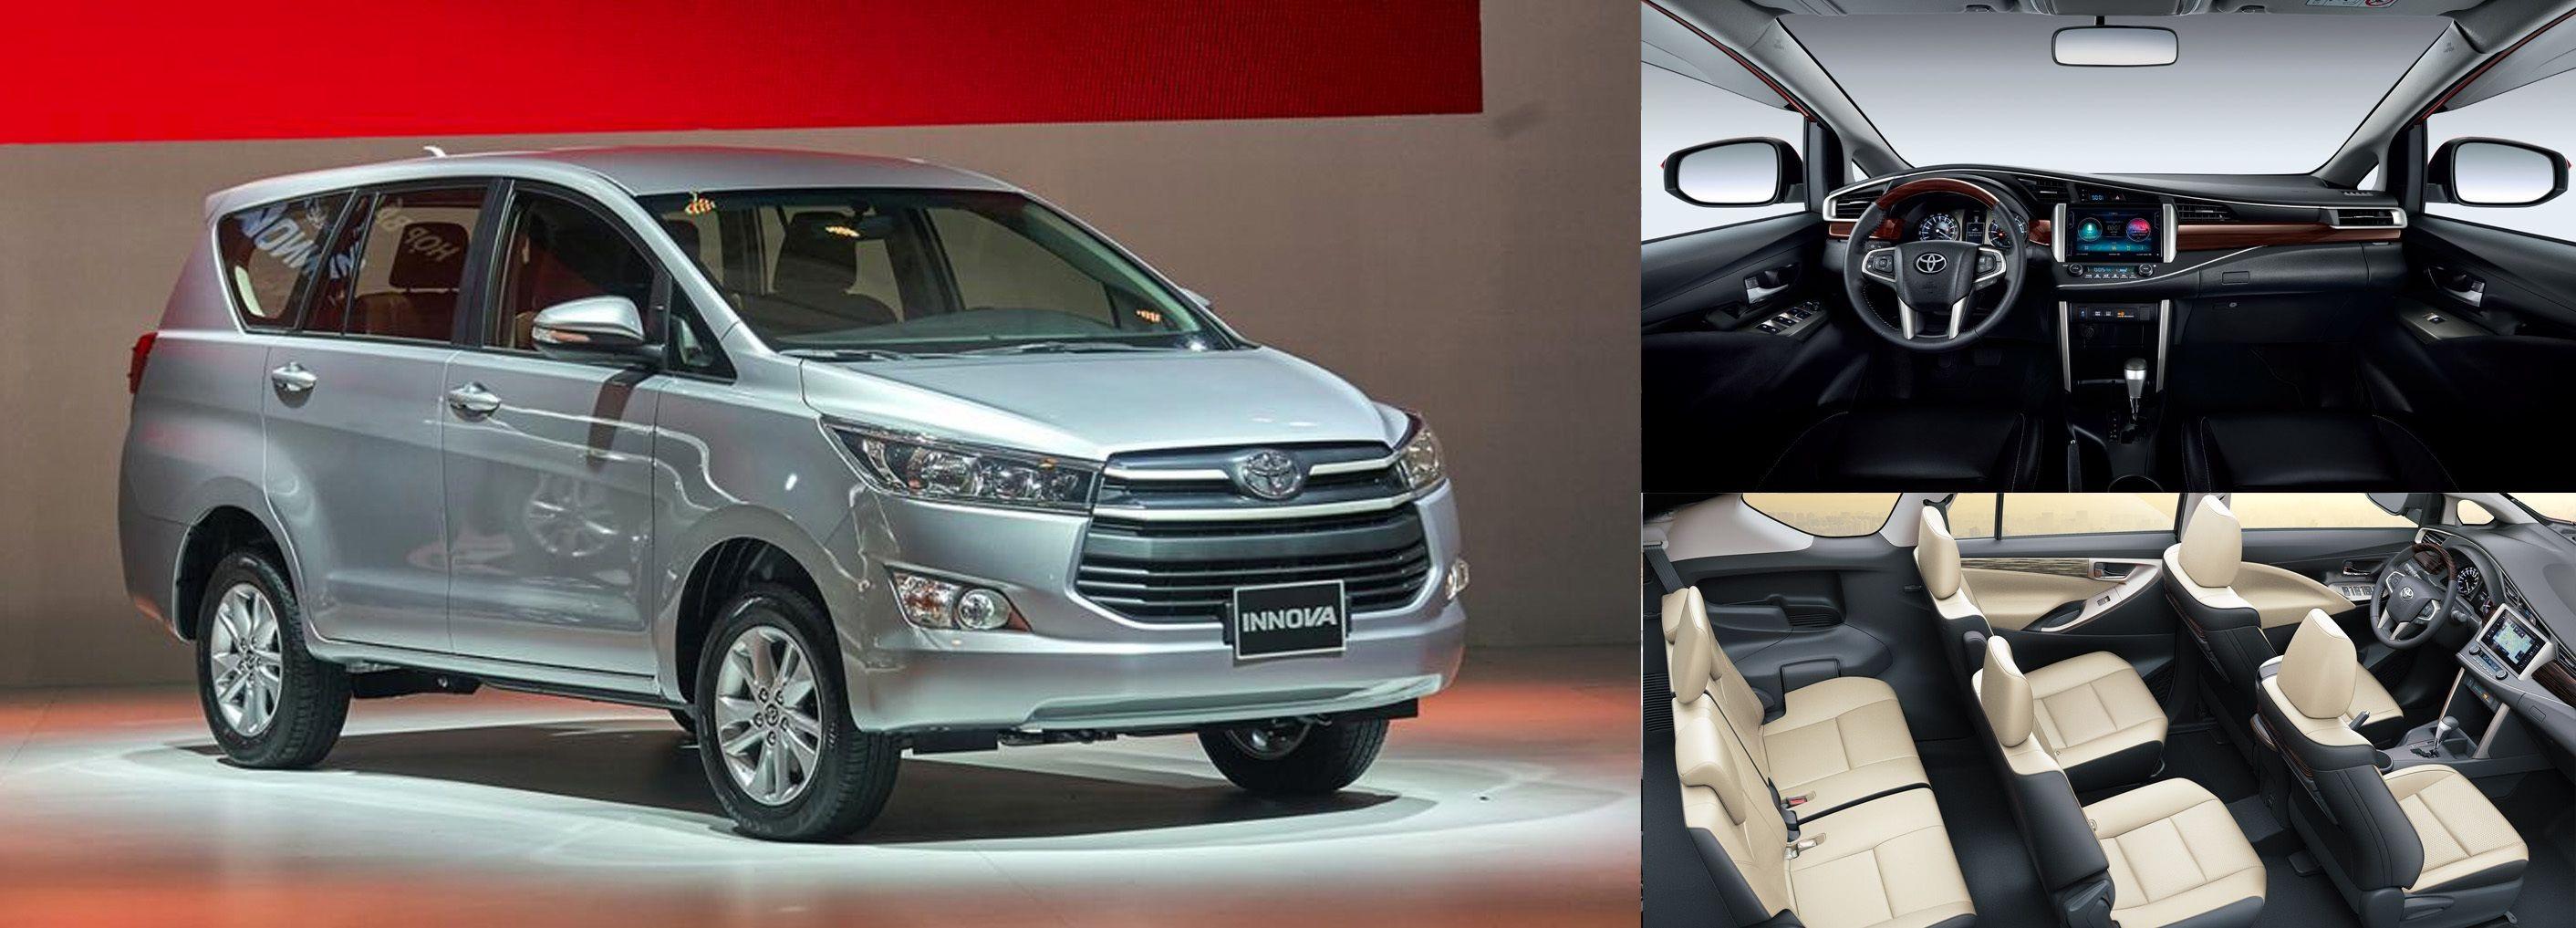 Phân khúc MPV tại Việt Nam năm 2019:  Cuộc chiến giữa Toyota Innova và Mitsubishi Xpander - 6